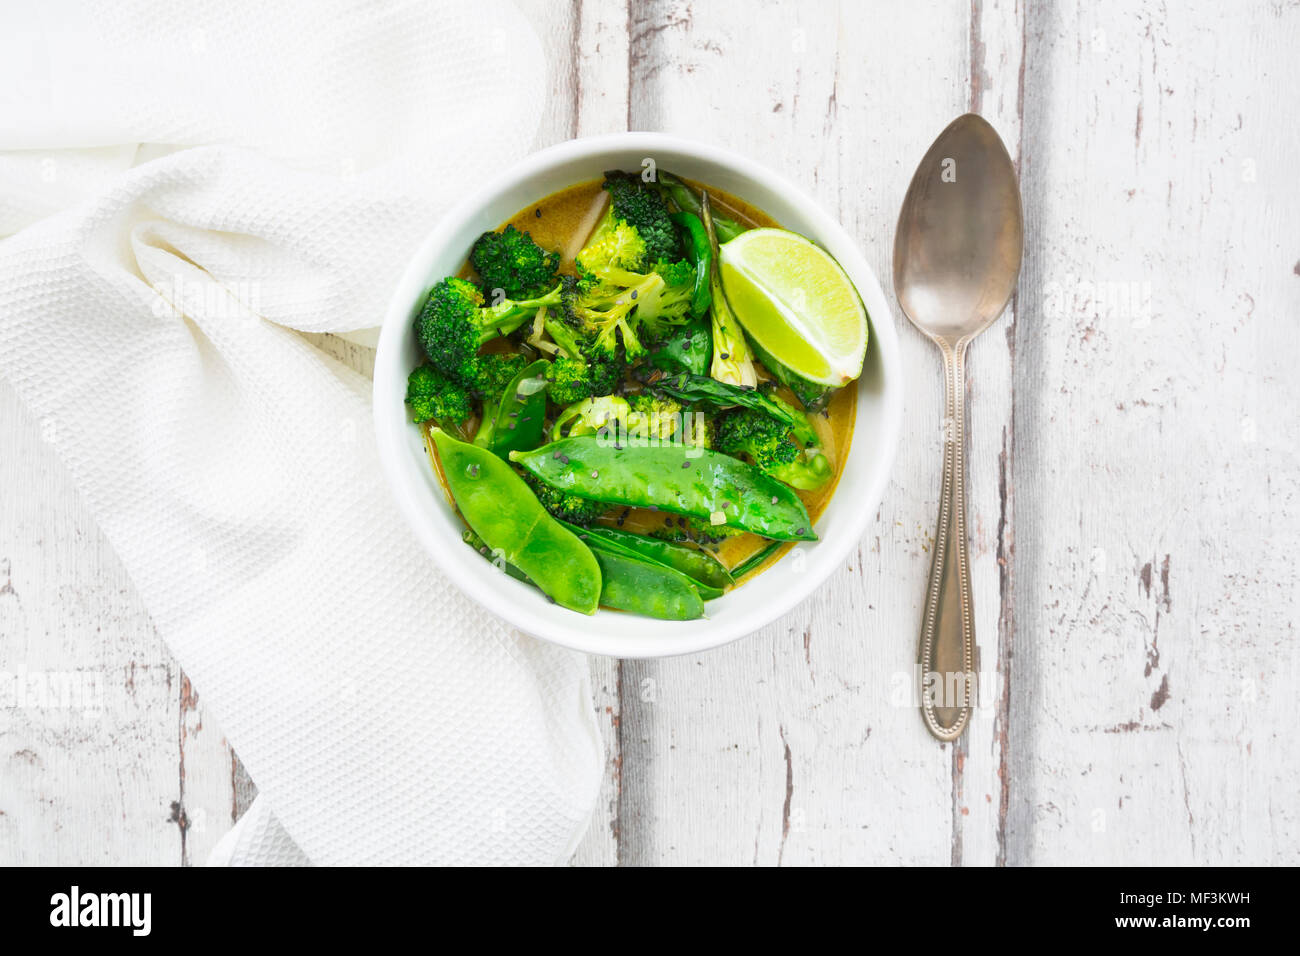 Verde curry tailandese con broccoli, pak choi, neve piselli, baby spinaci, calce e riso Immagini Stock